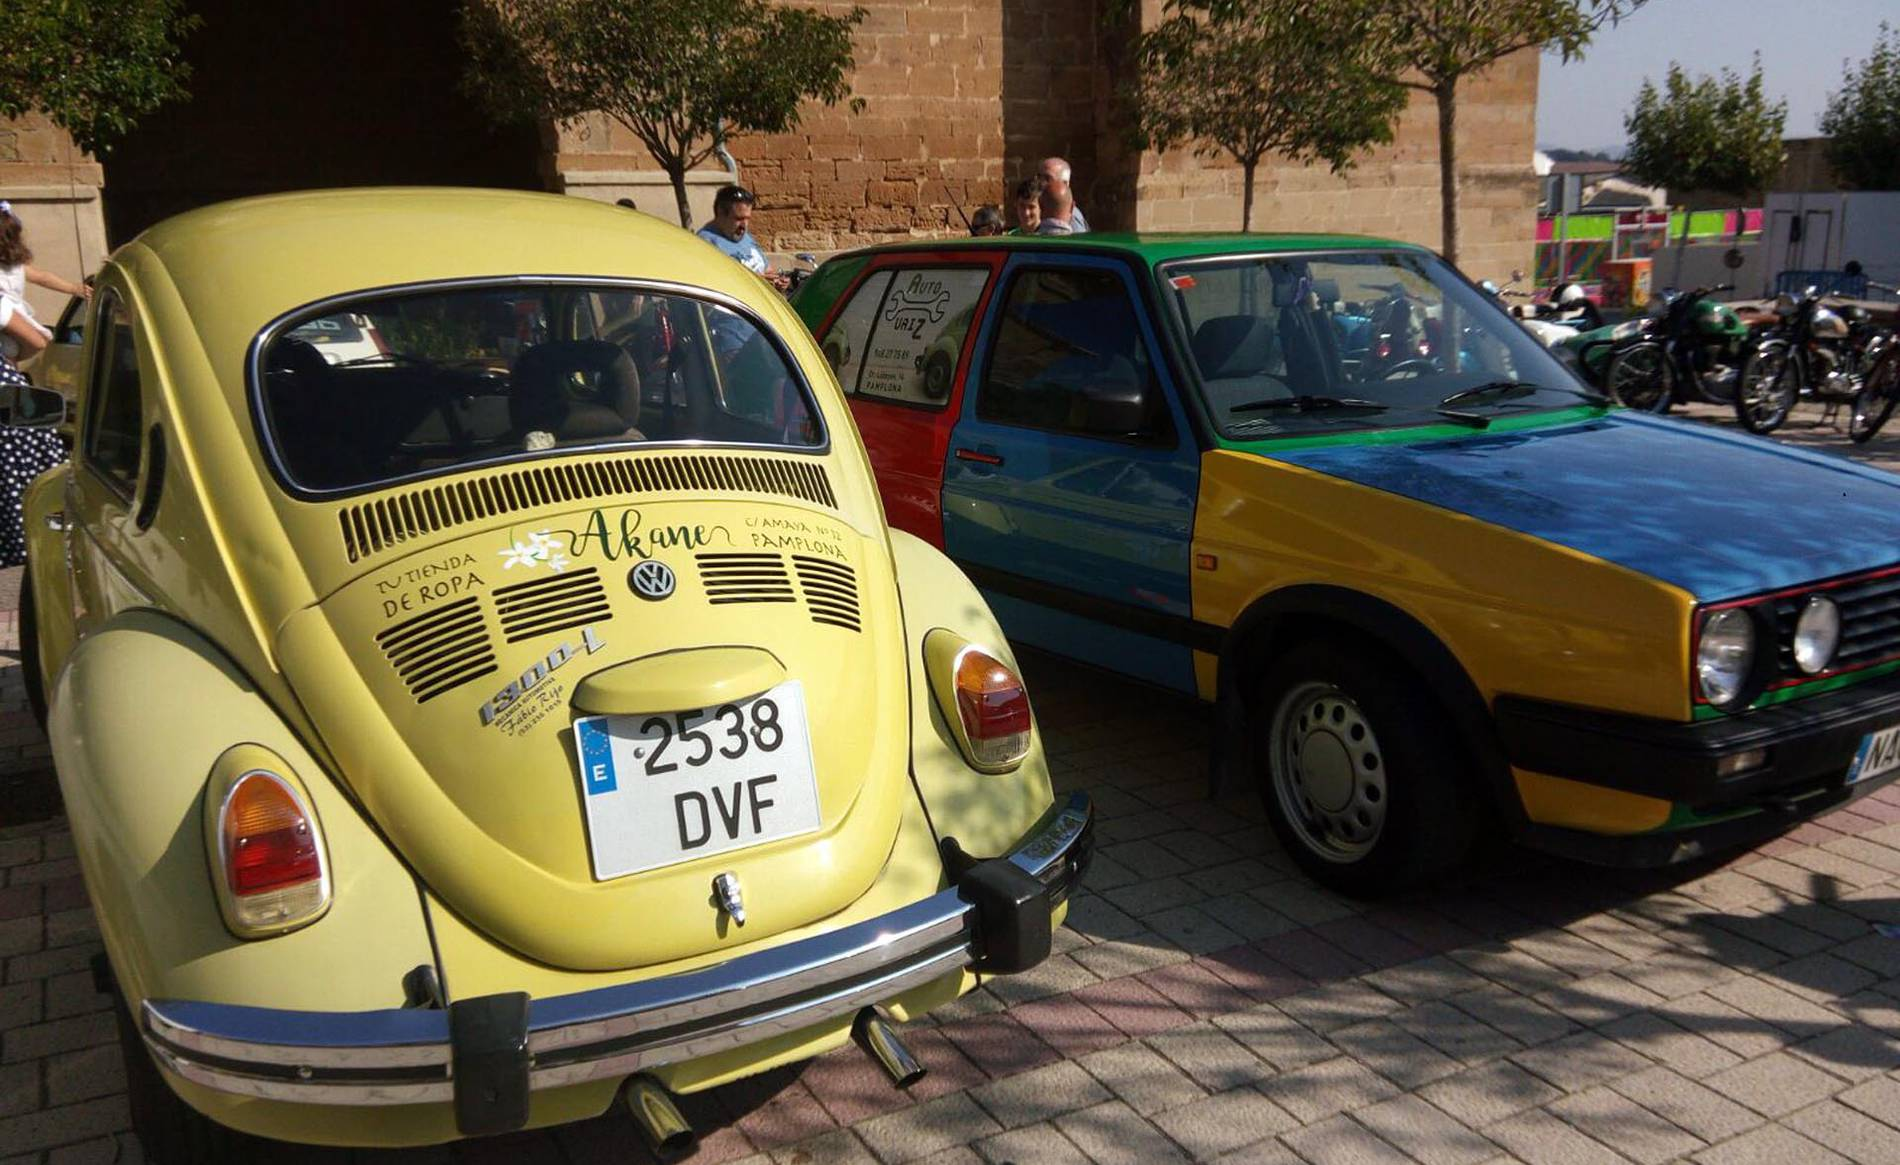 Muestra de vehículos antiguos en Astráin (1/10) - Exposición de coches y motocicletas antiguos en la Plaza del Ayuntamiento durante las fiestas de Astráin 2017. - Pamplona y Comarca -